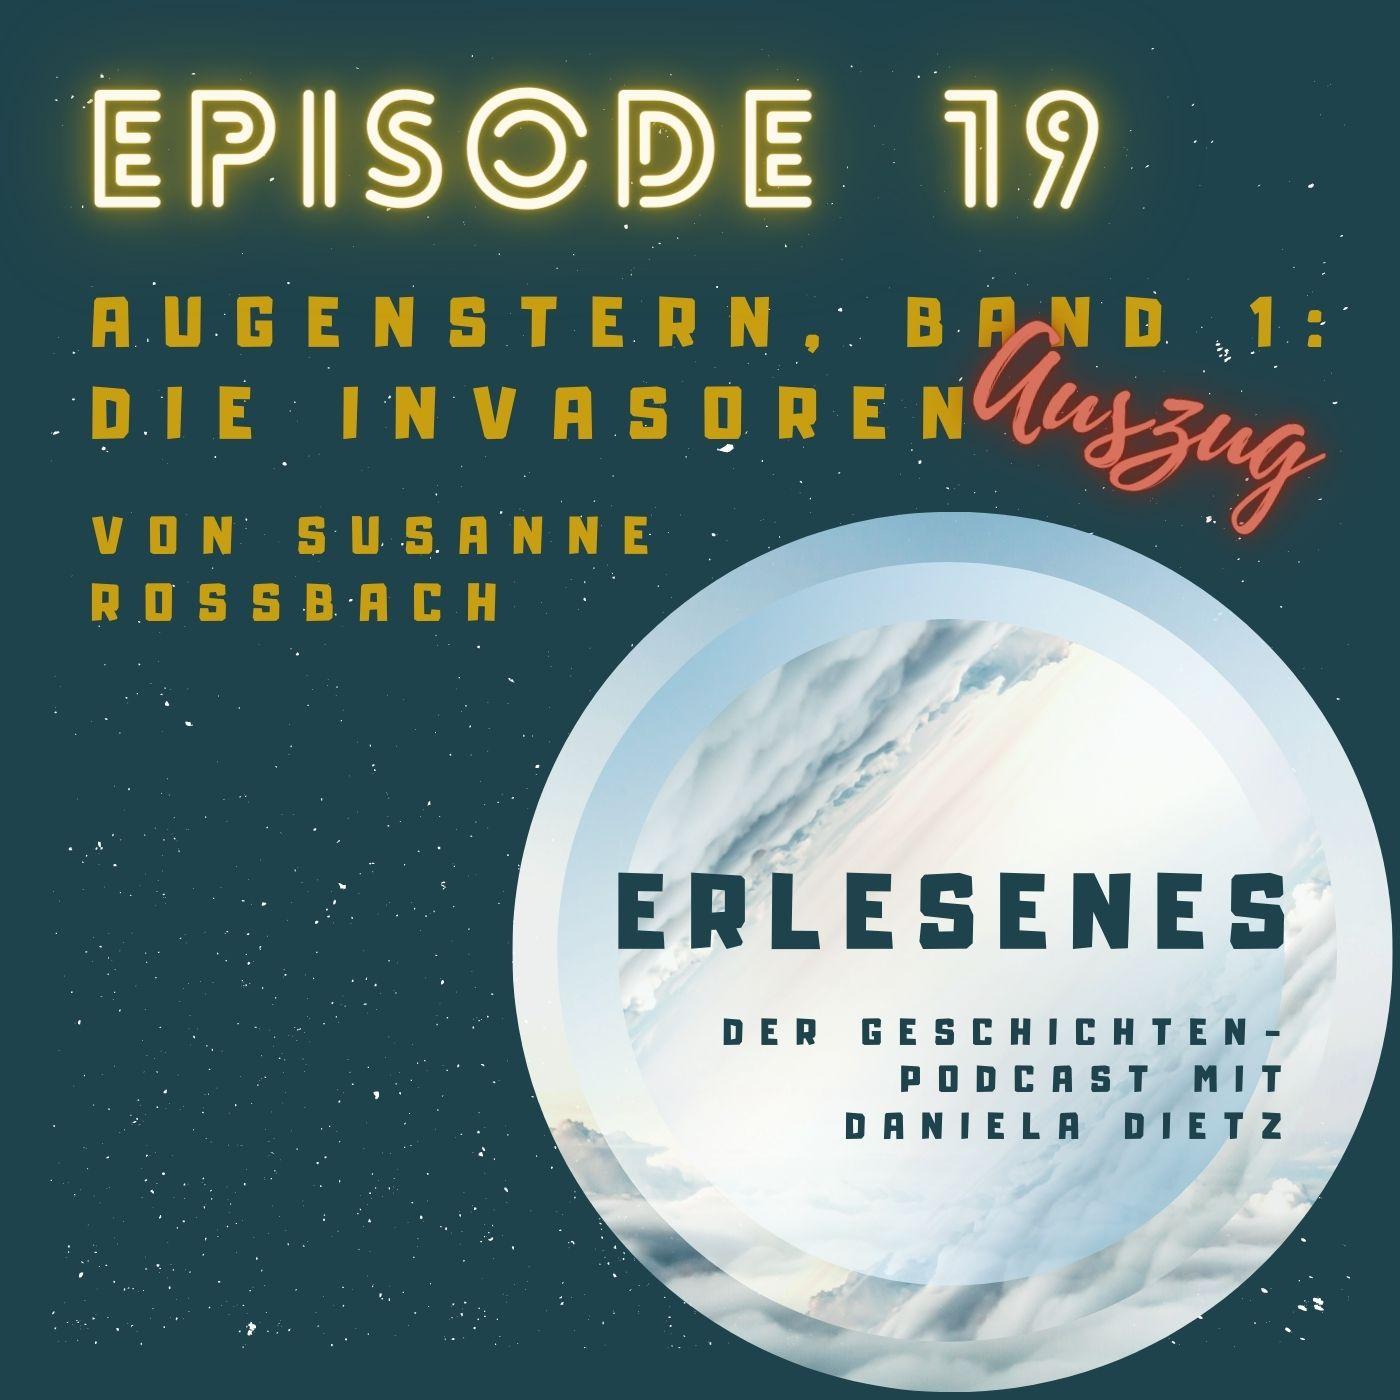 Episode 19: Die Invasoren, aus Band 1 der Augenstern-Reihe von Susanne Roßbach